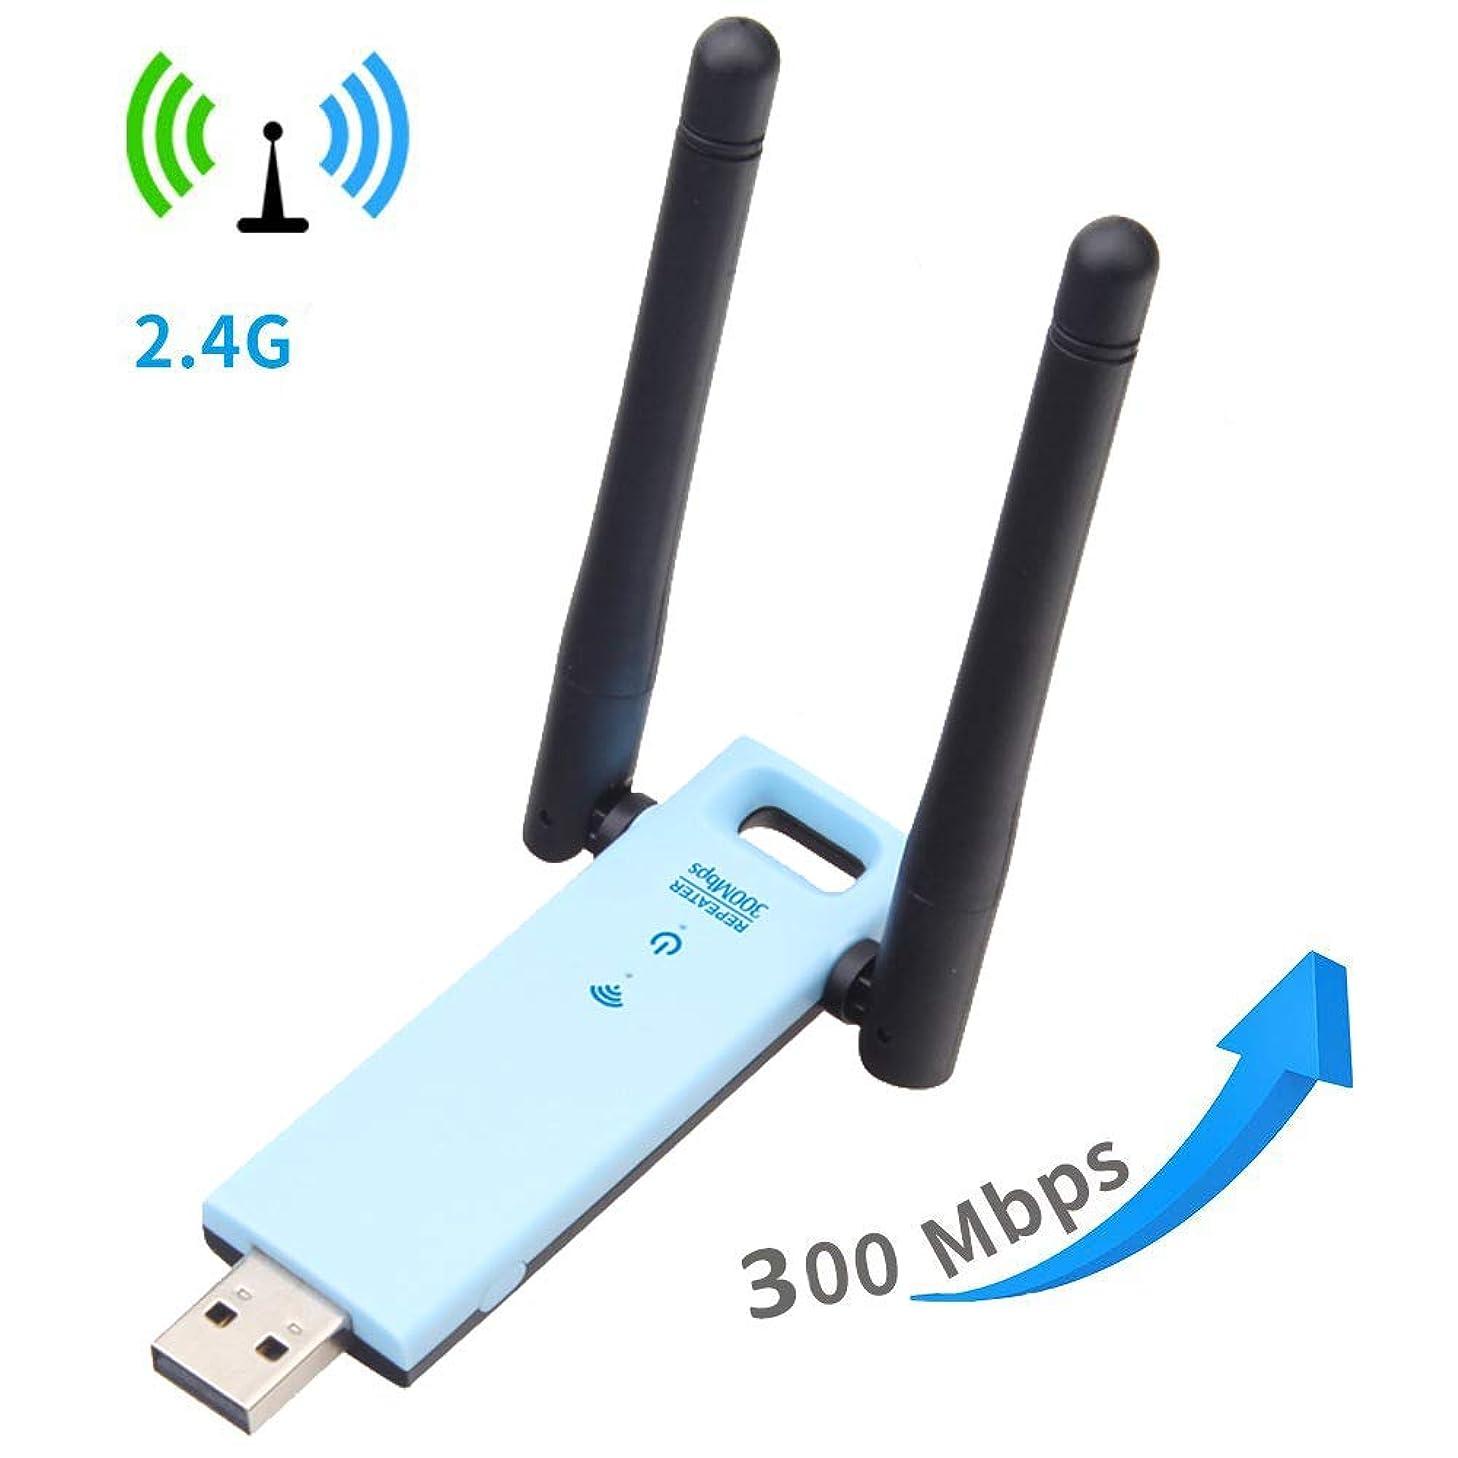 安心させるぬるい縮れたWiFi範囲拡張信号増幅器300Mbps 2.4GHz USBリピータ/アクセスポイントモードでWiFiを家庭用およびAlexa製デバイスに拡張